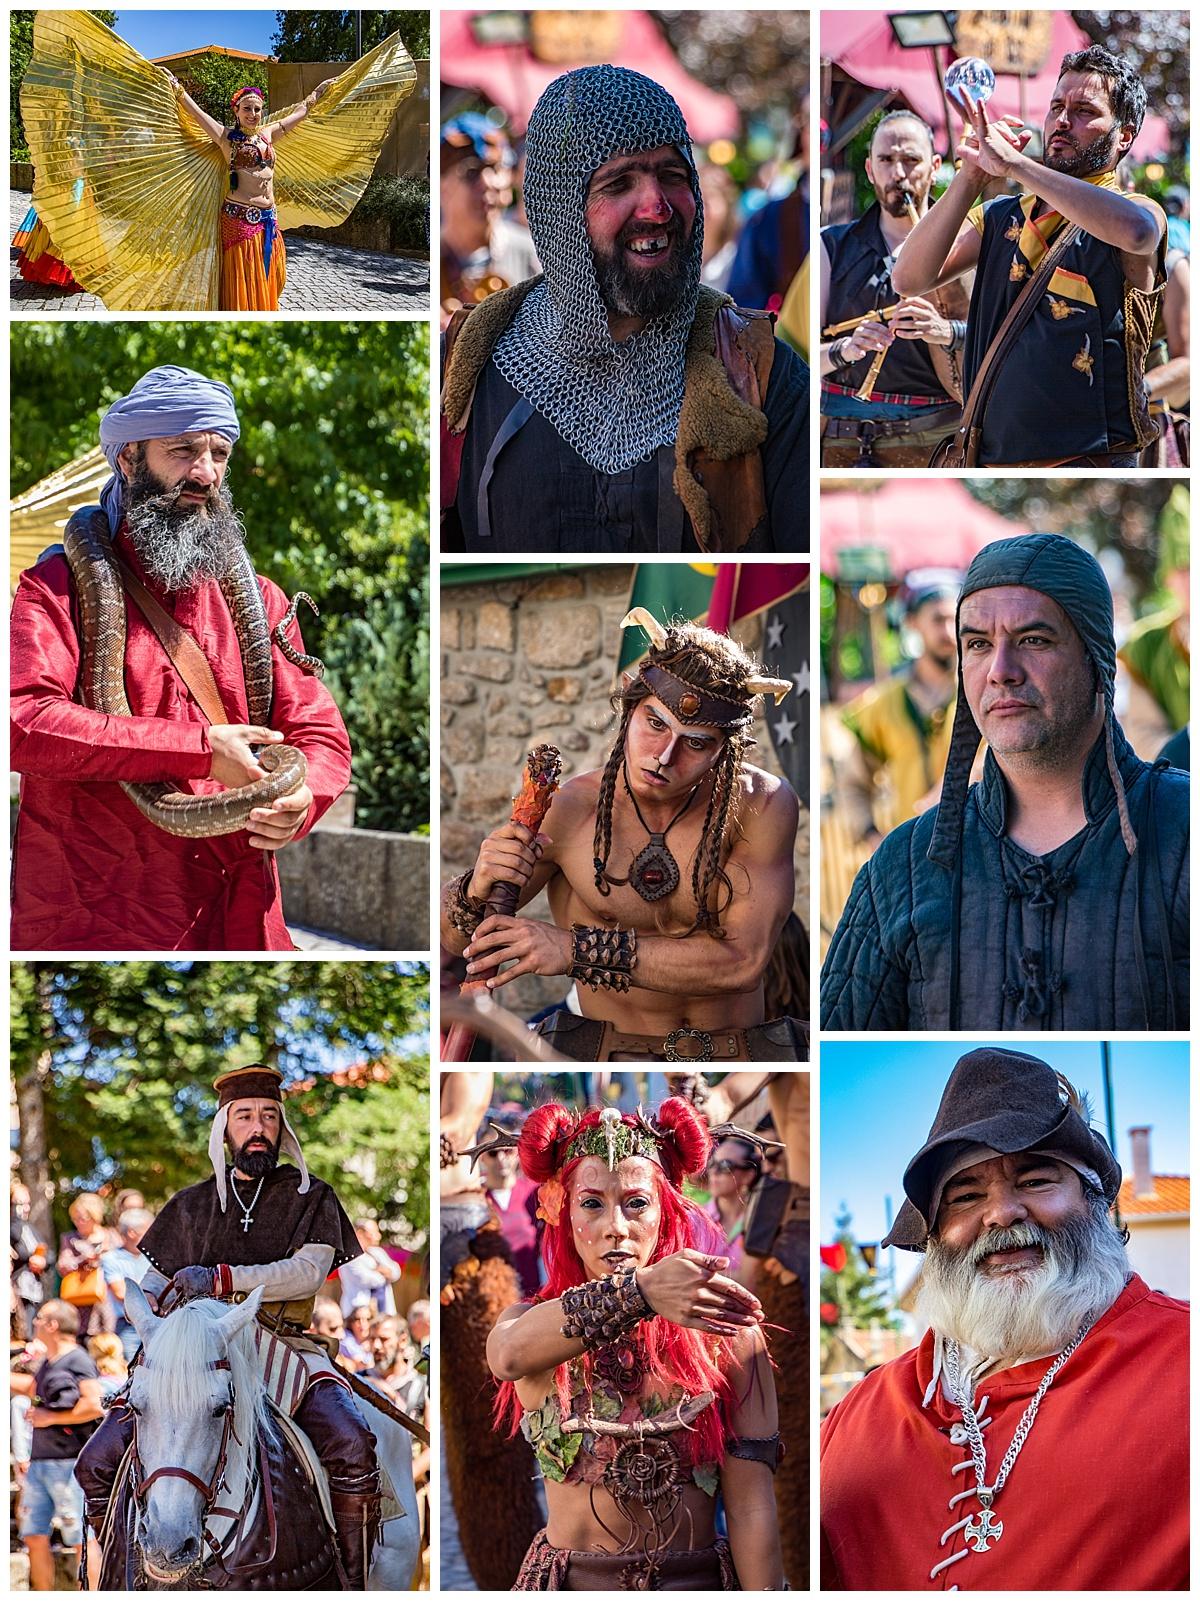 Feira Medieval Festival - parade